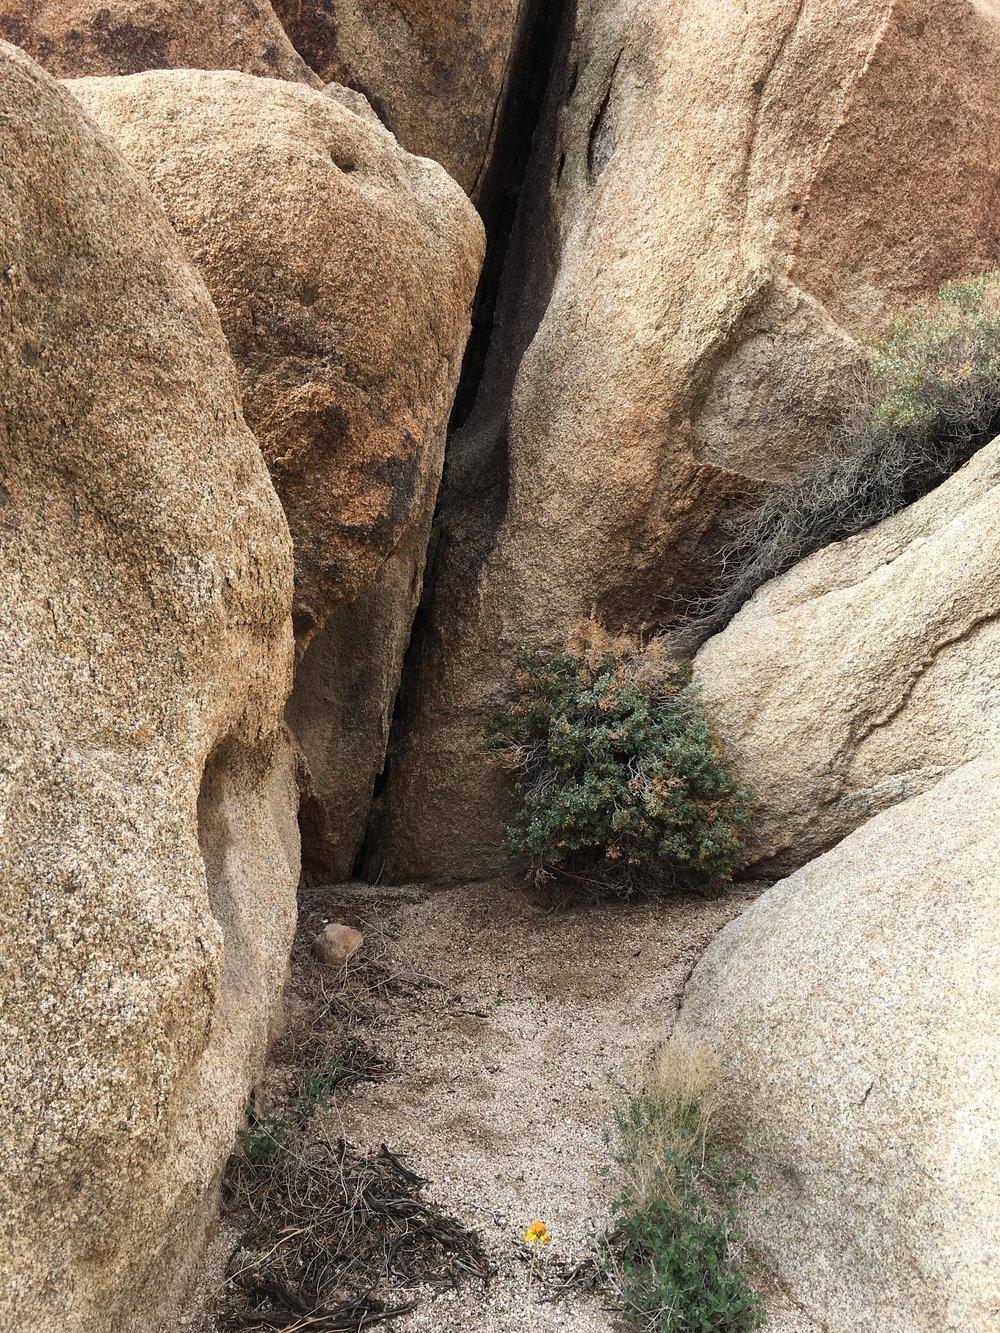 Arch Rock Trail